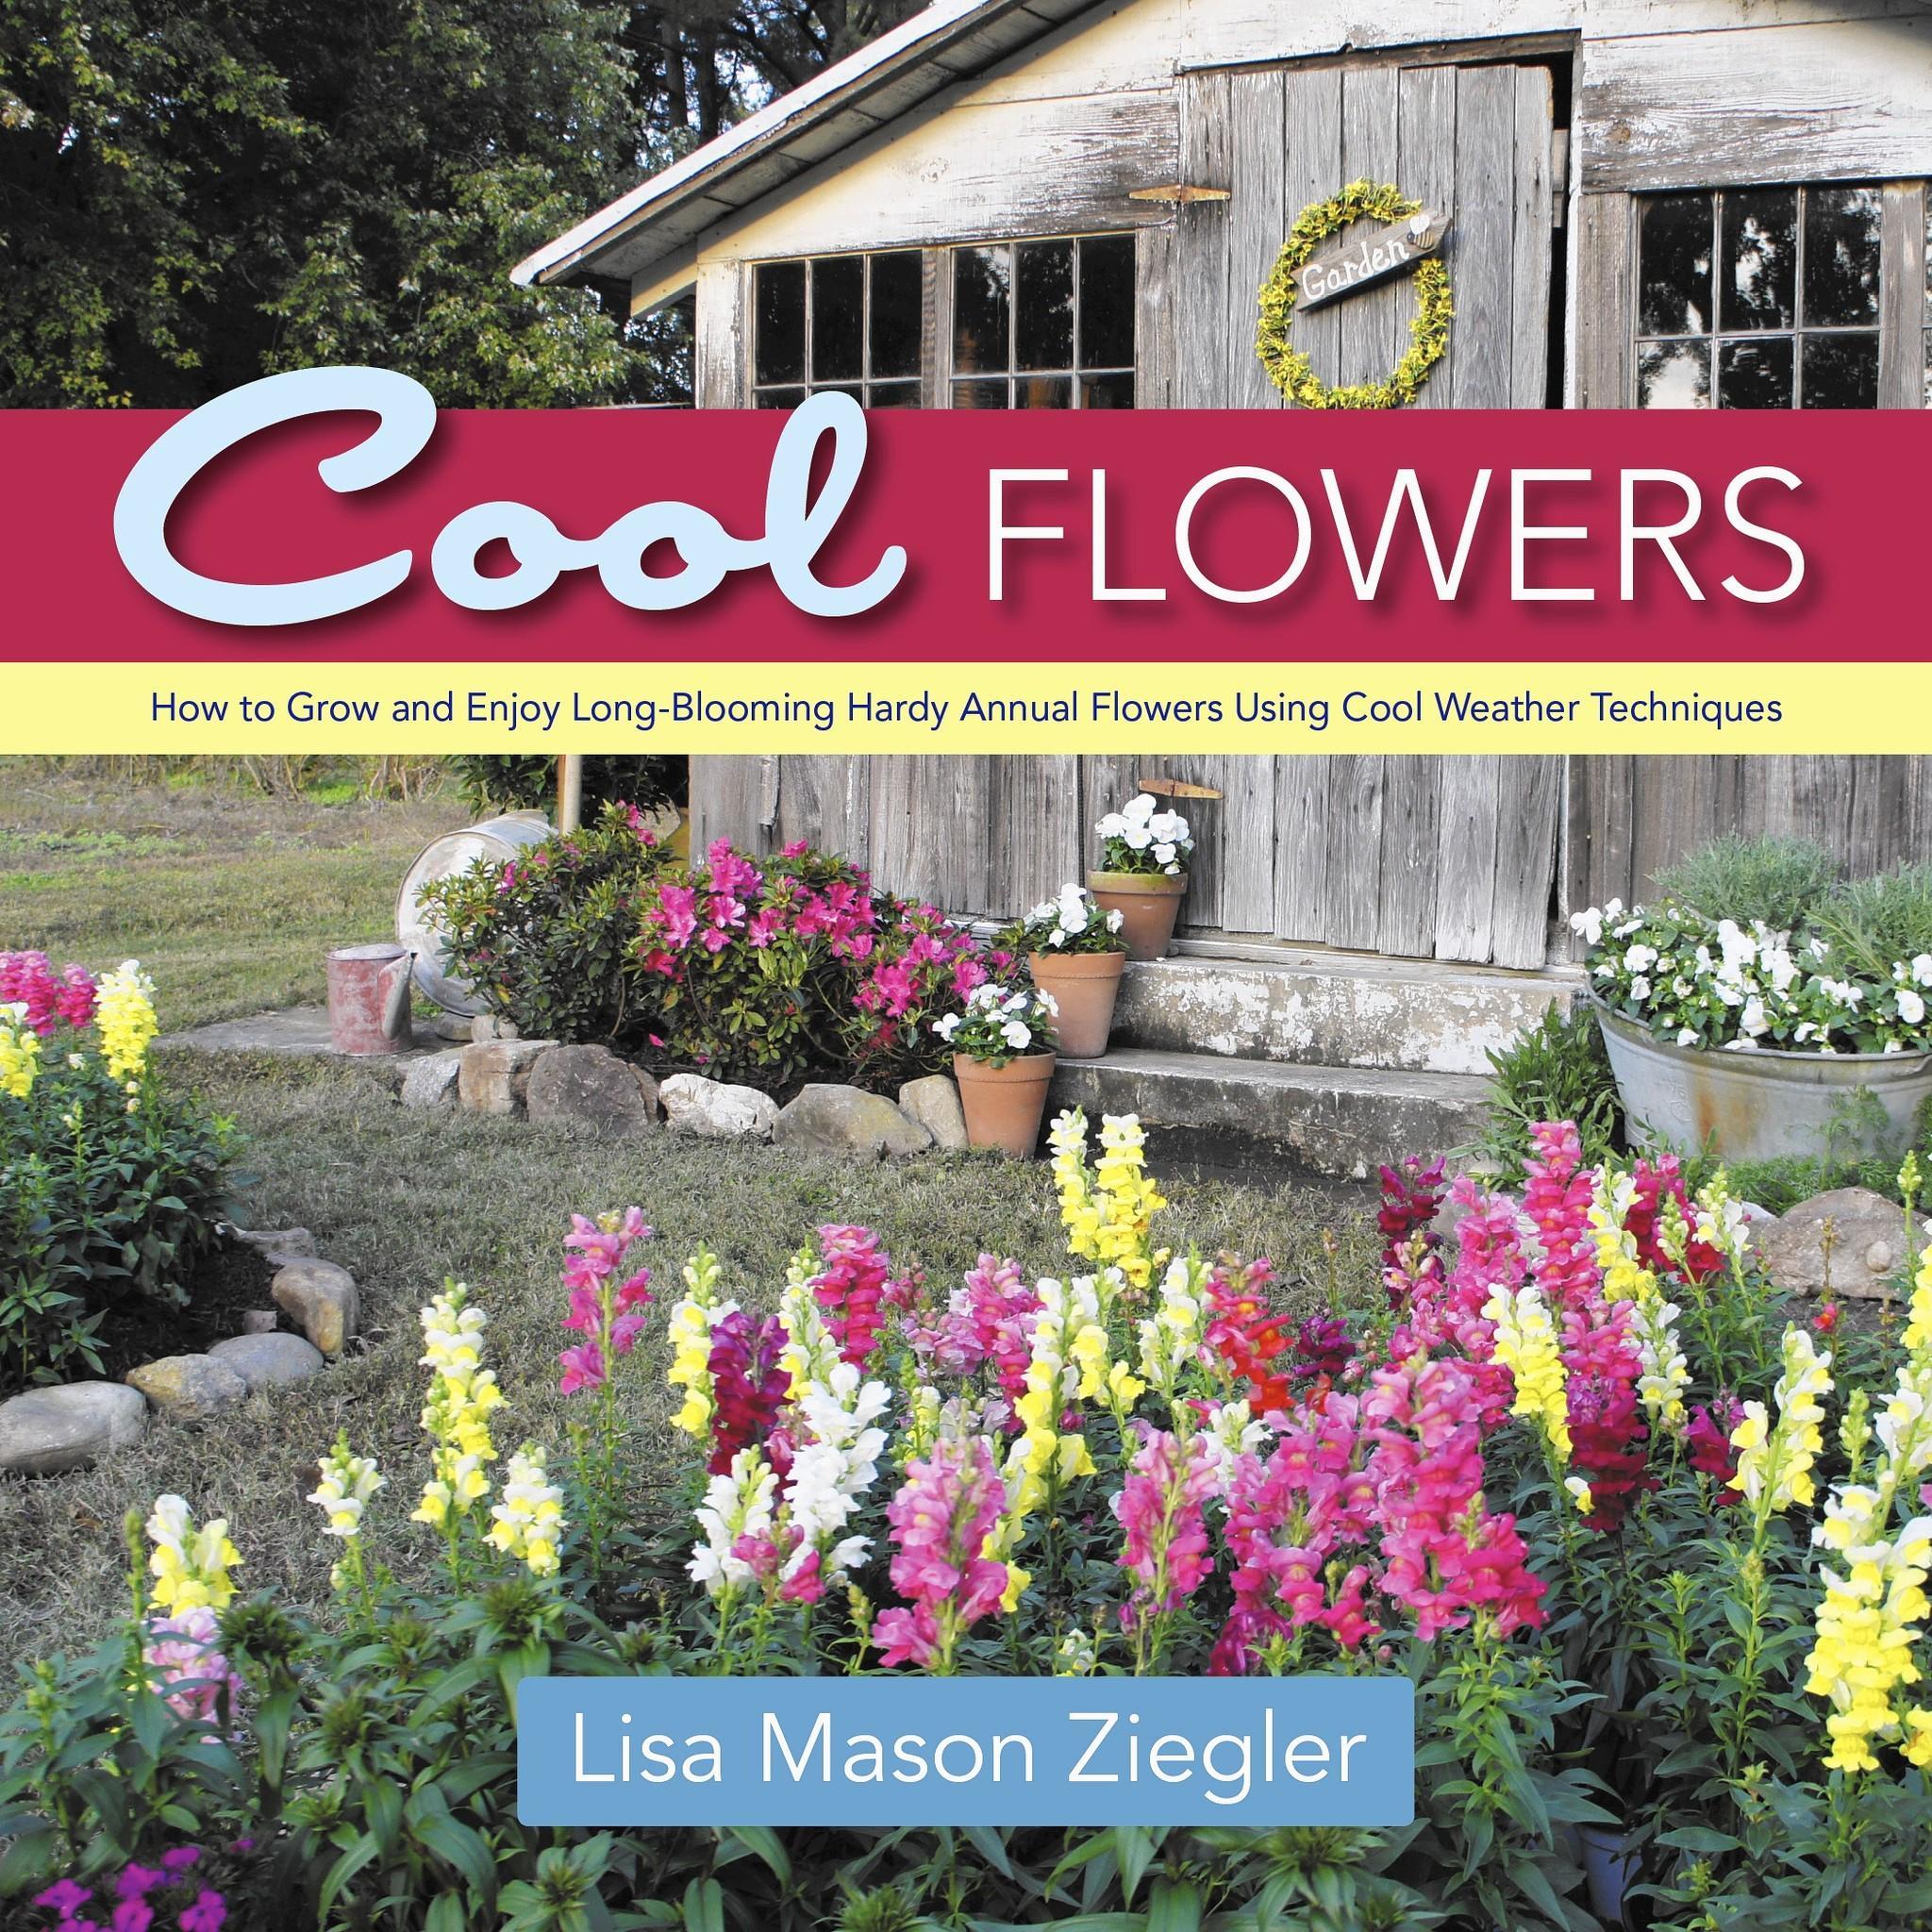 Newport News flower gardener Lisa Mason Ziegler releases her latest in gardening books.